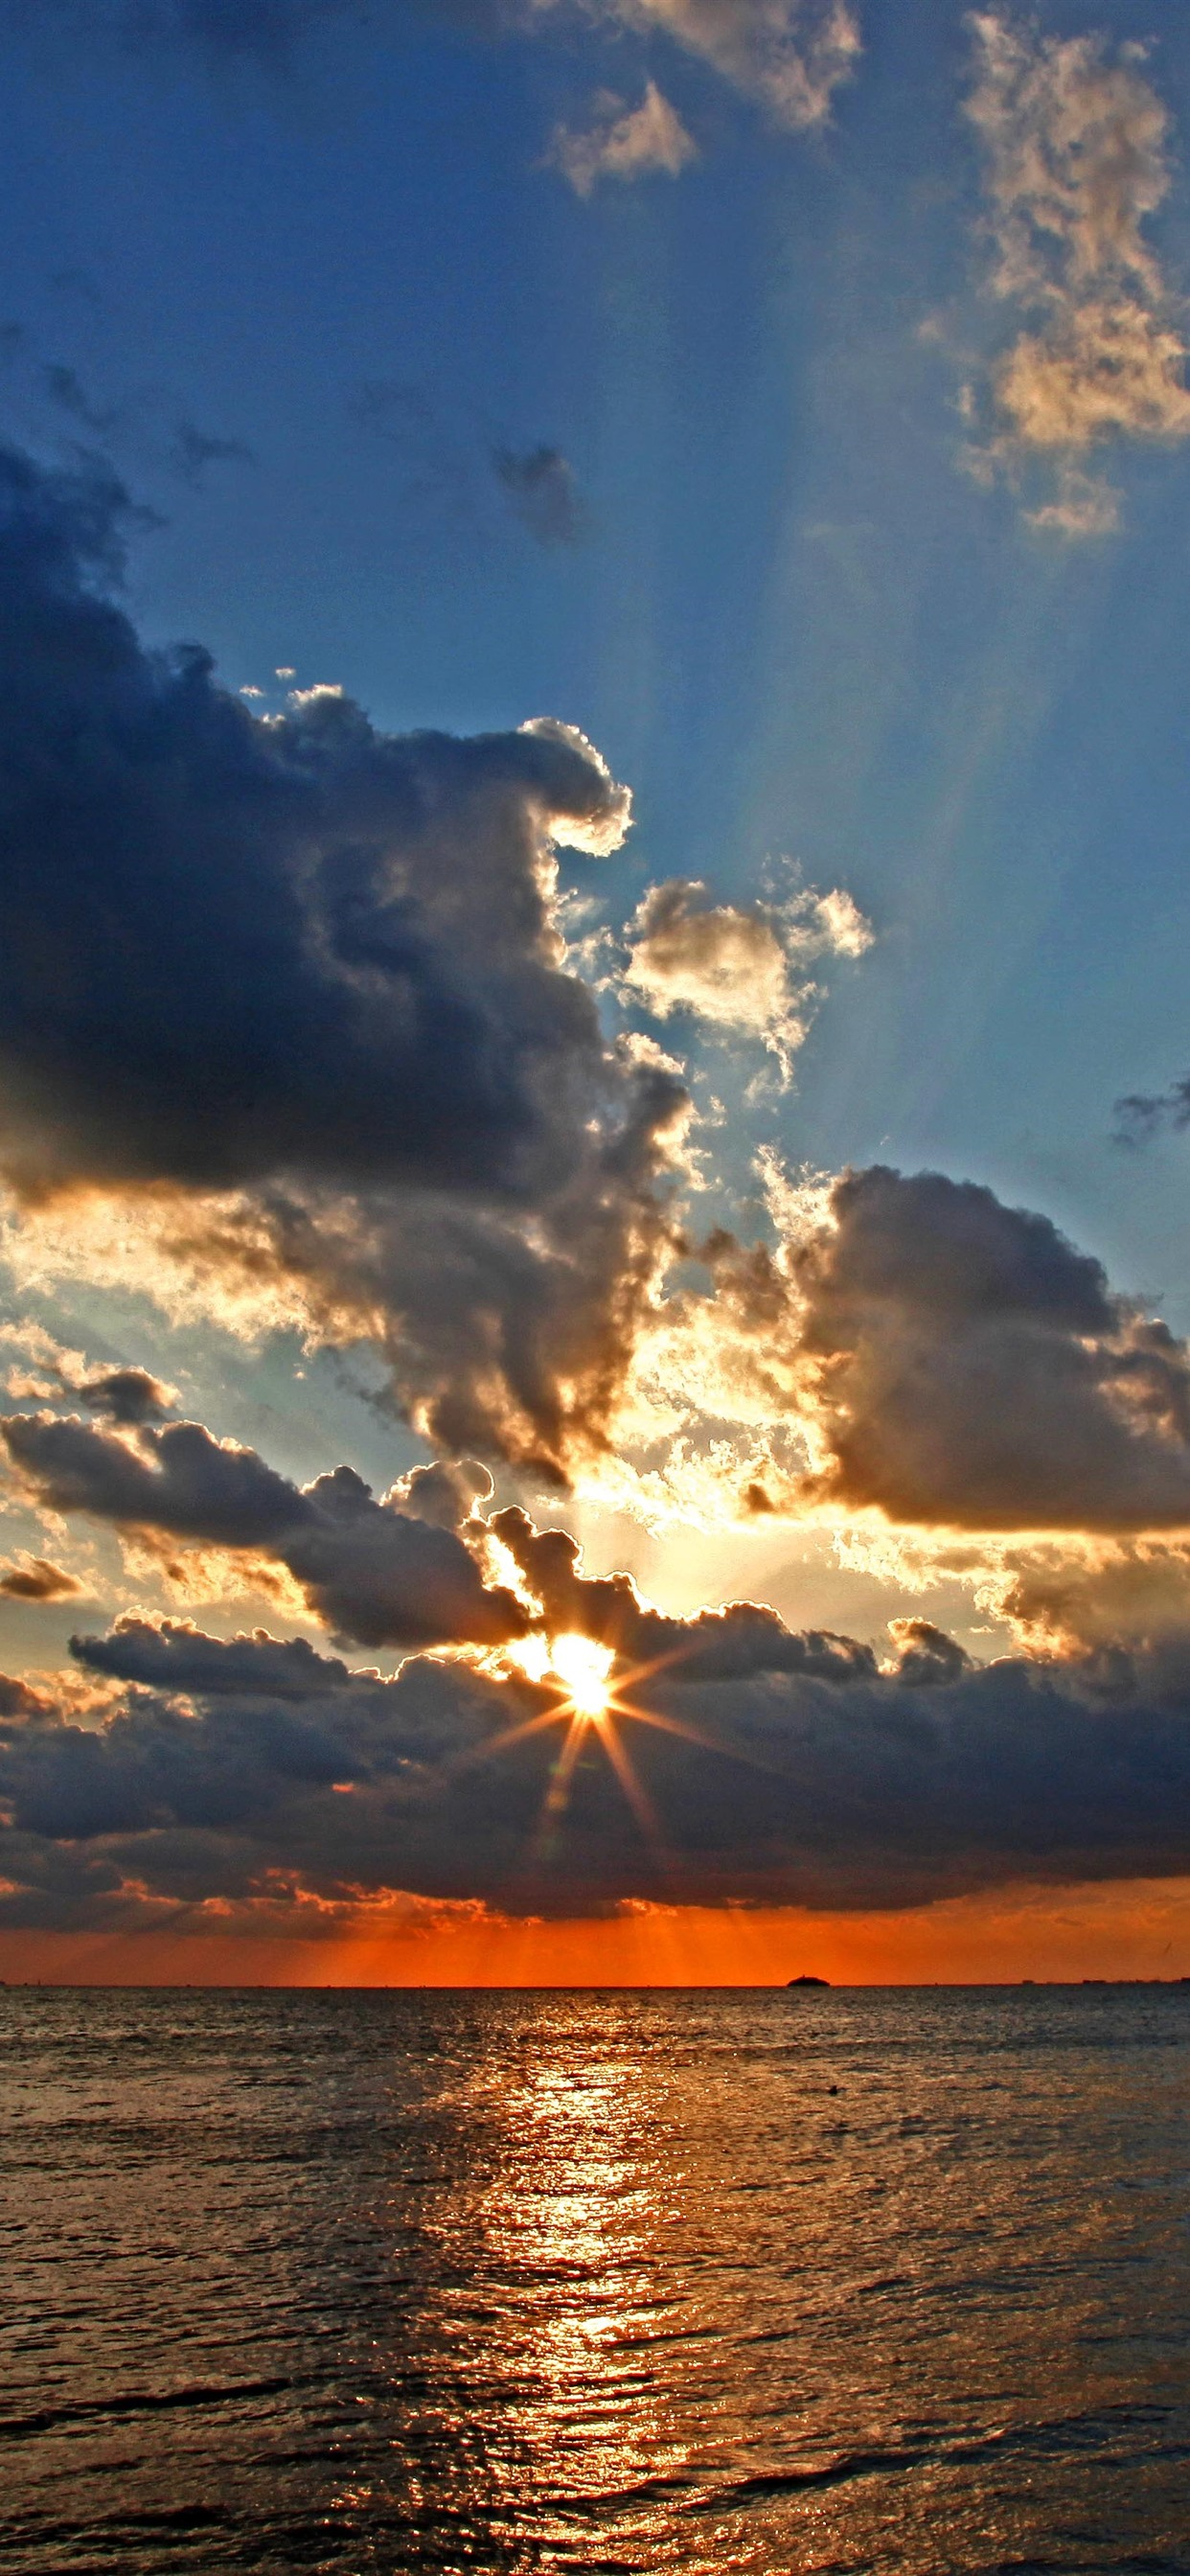 壁紙 雲 海 夕日 太陽の光線 51x Uhd 5k 無料のデスクトップの背景 画像